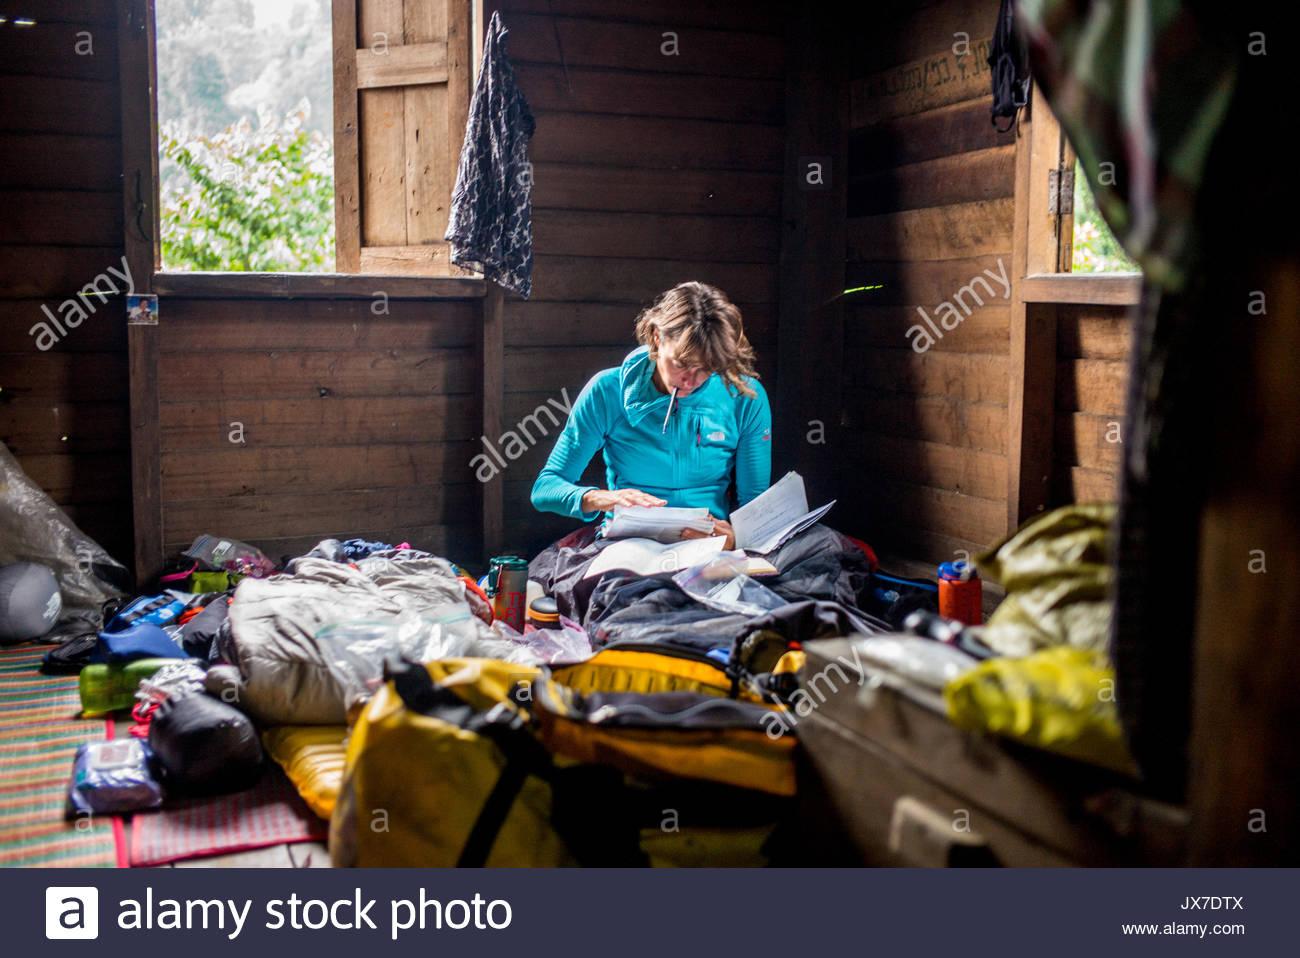 El líder de la expedición revisa los documentos y planes para el equipo. Imagen De Stock